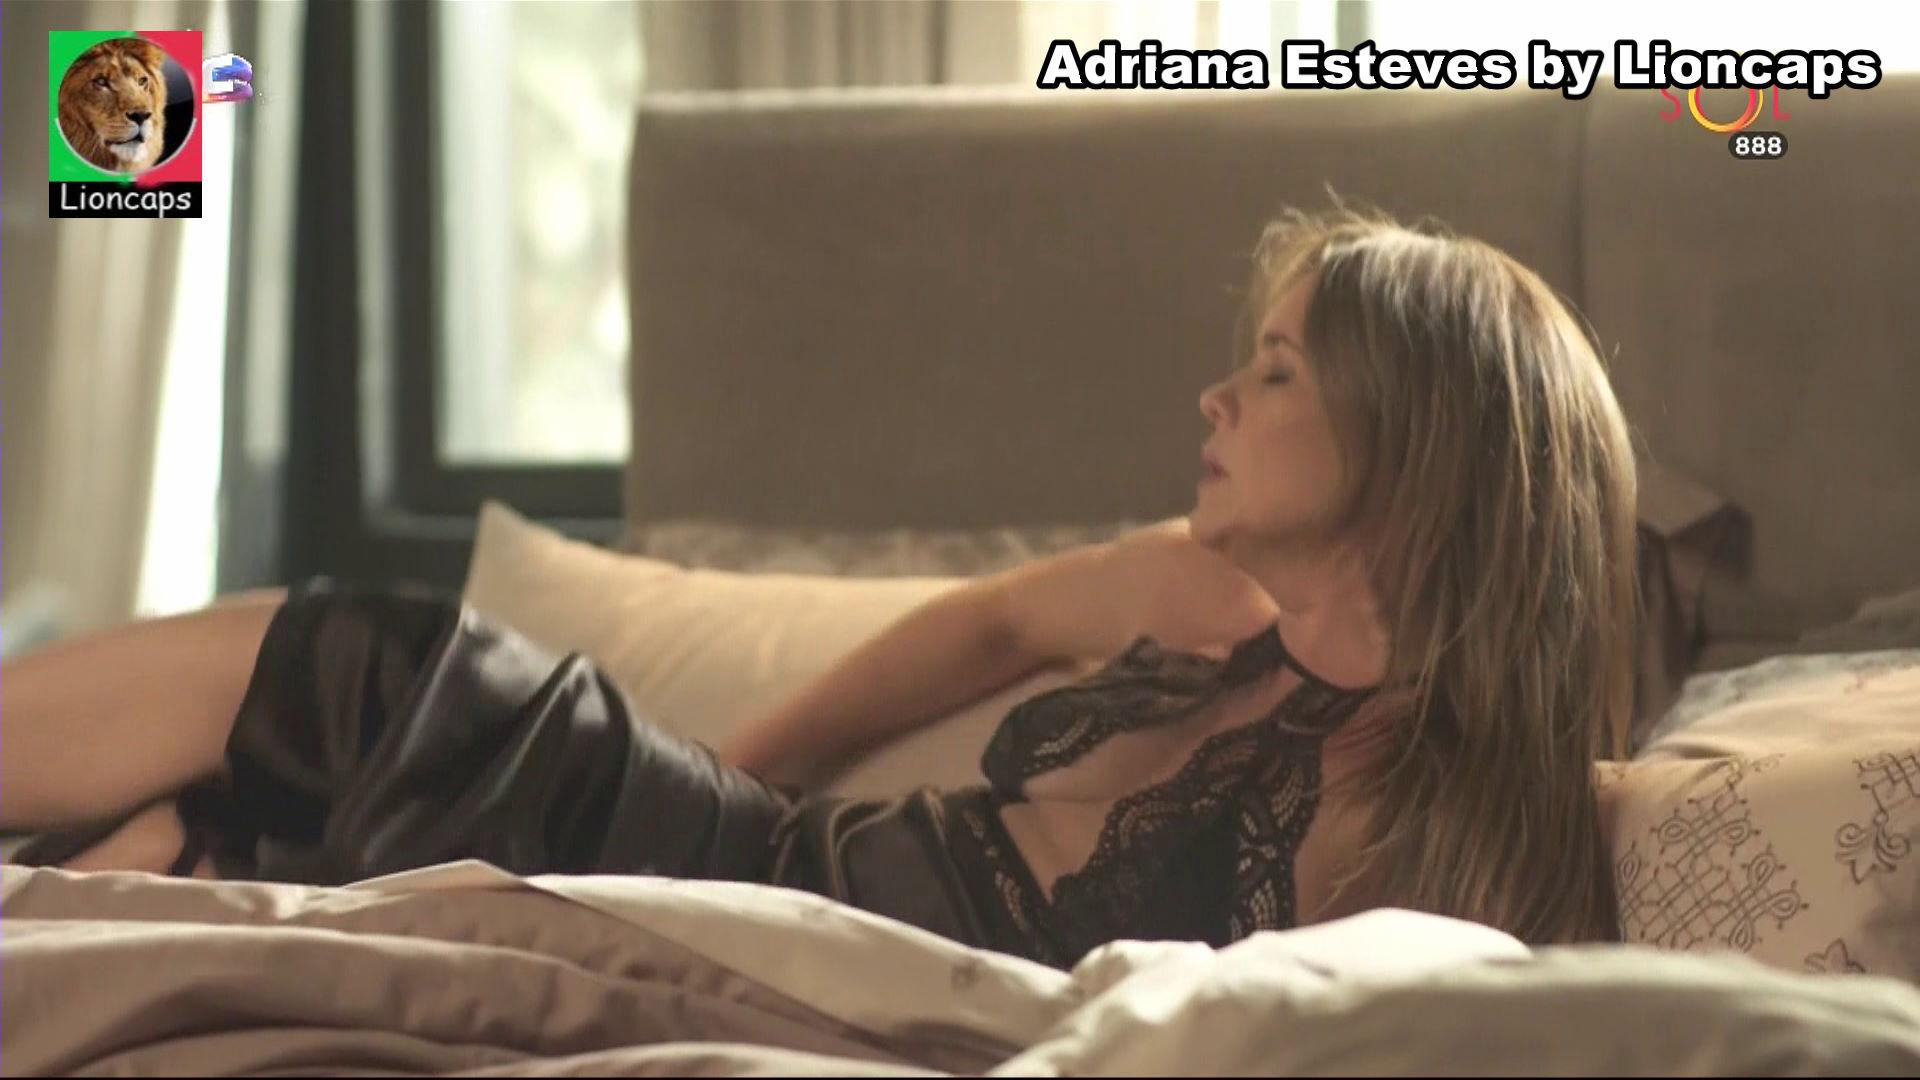 796732411_adriana_esteves_segundo_vs190305_1283_122_352lo.JPG